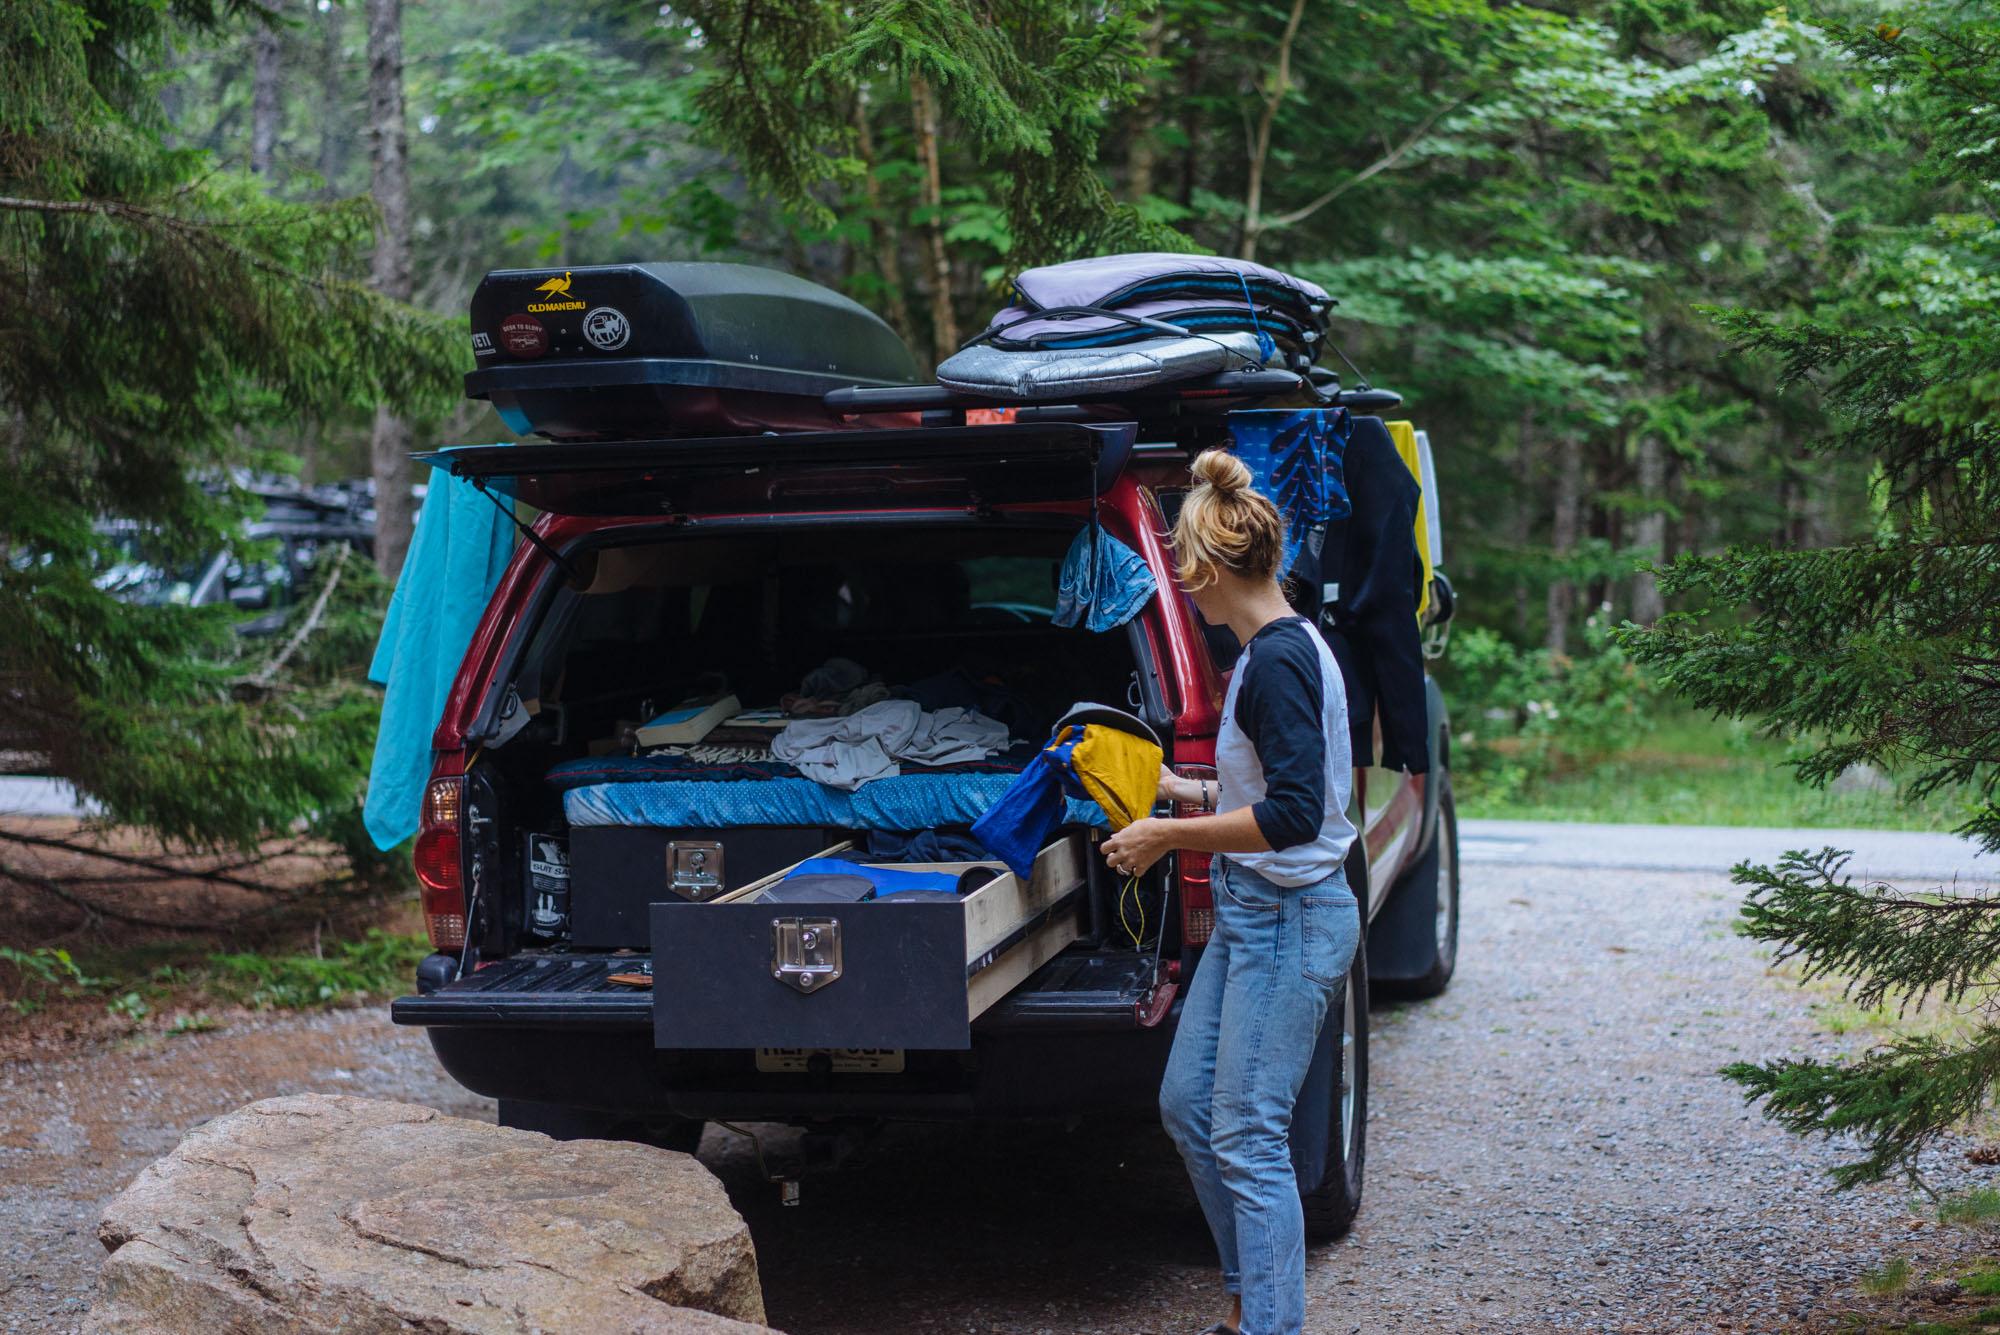 MAK at camp in Acadia NP